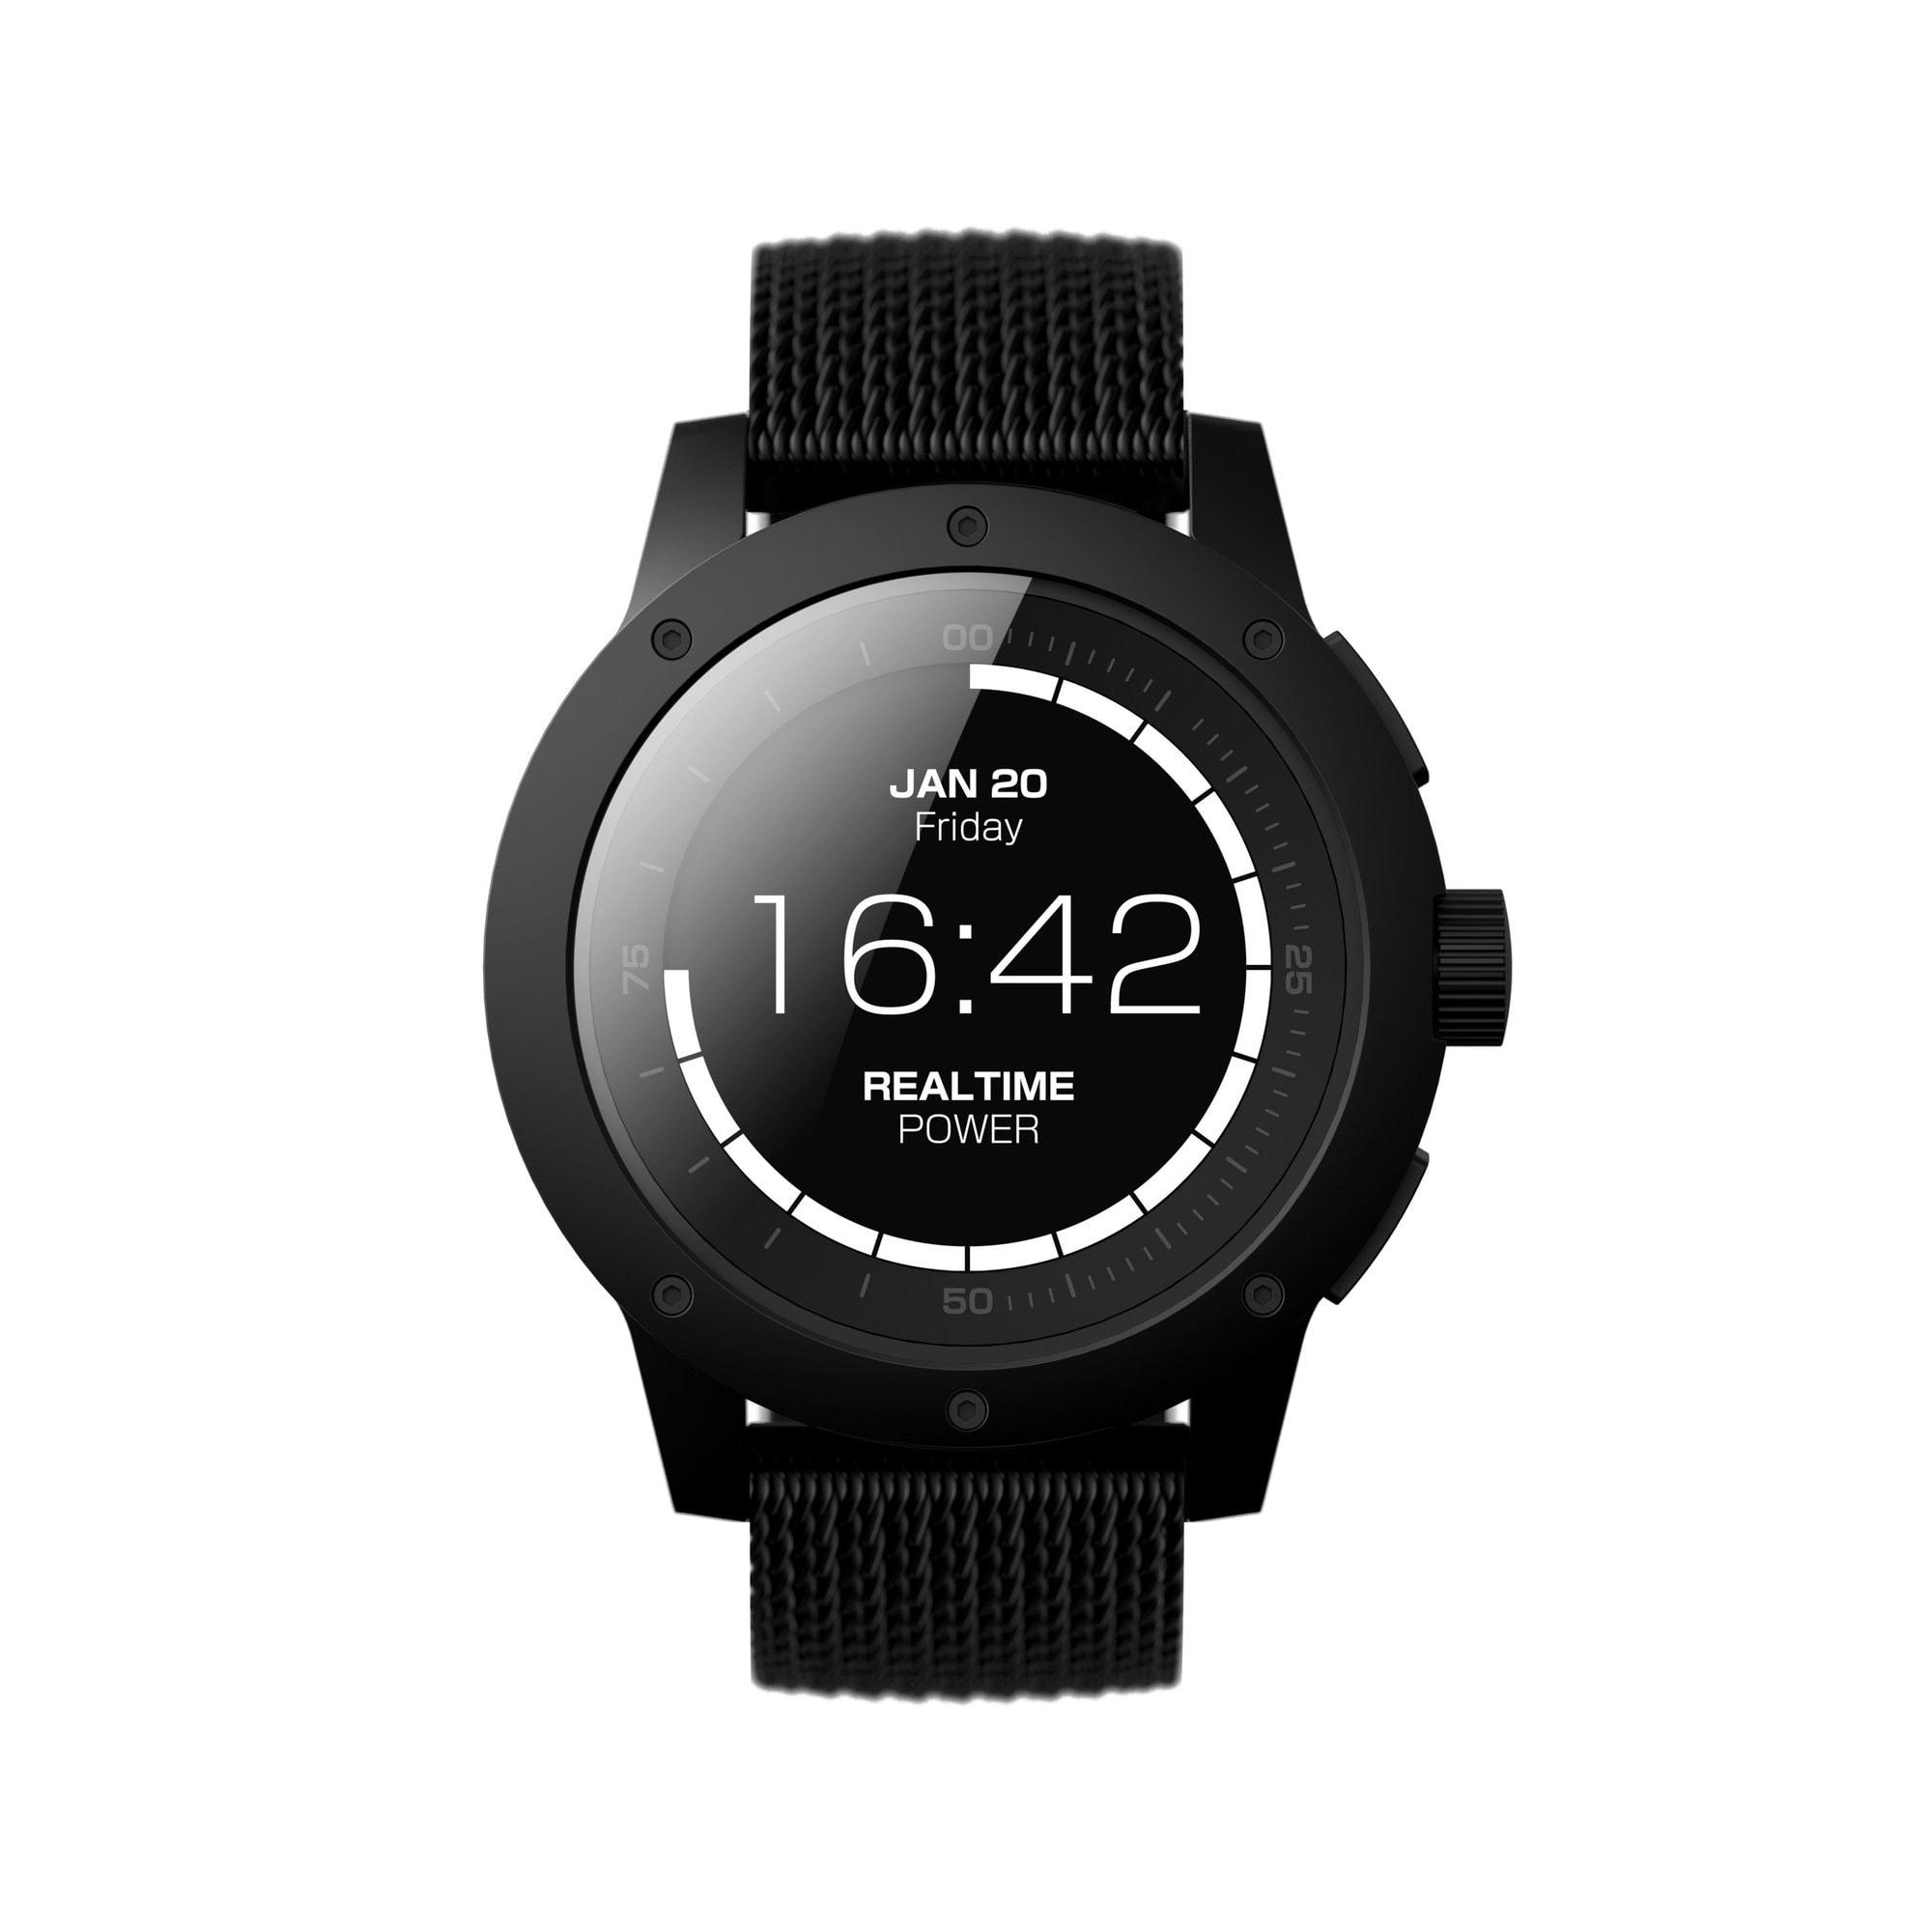 MATRIX PowerWatch Black Ops Pack: умные часы, которые не нужно заряжать